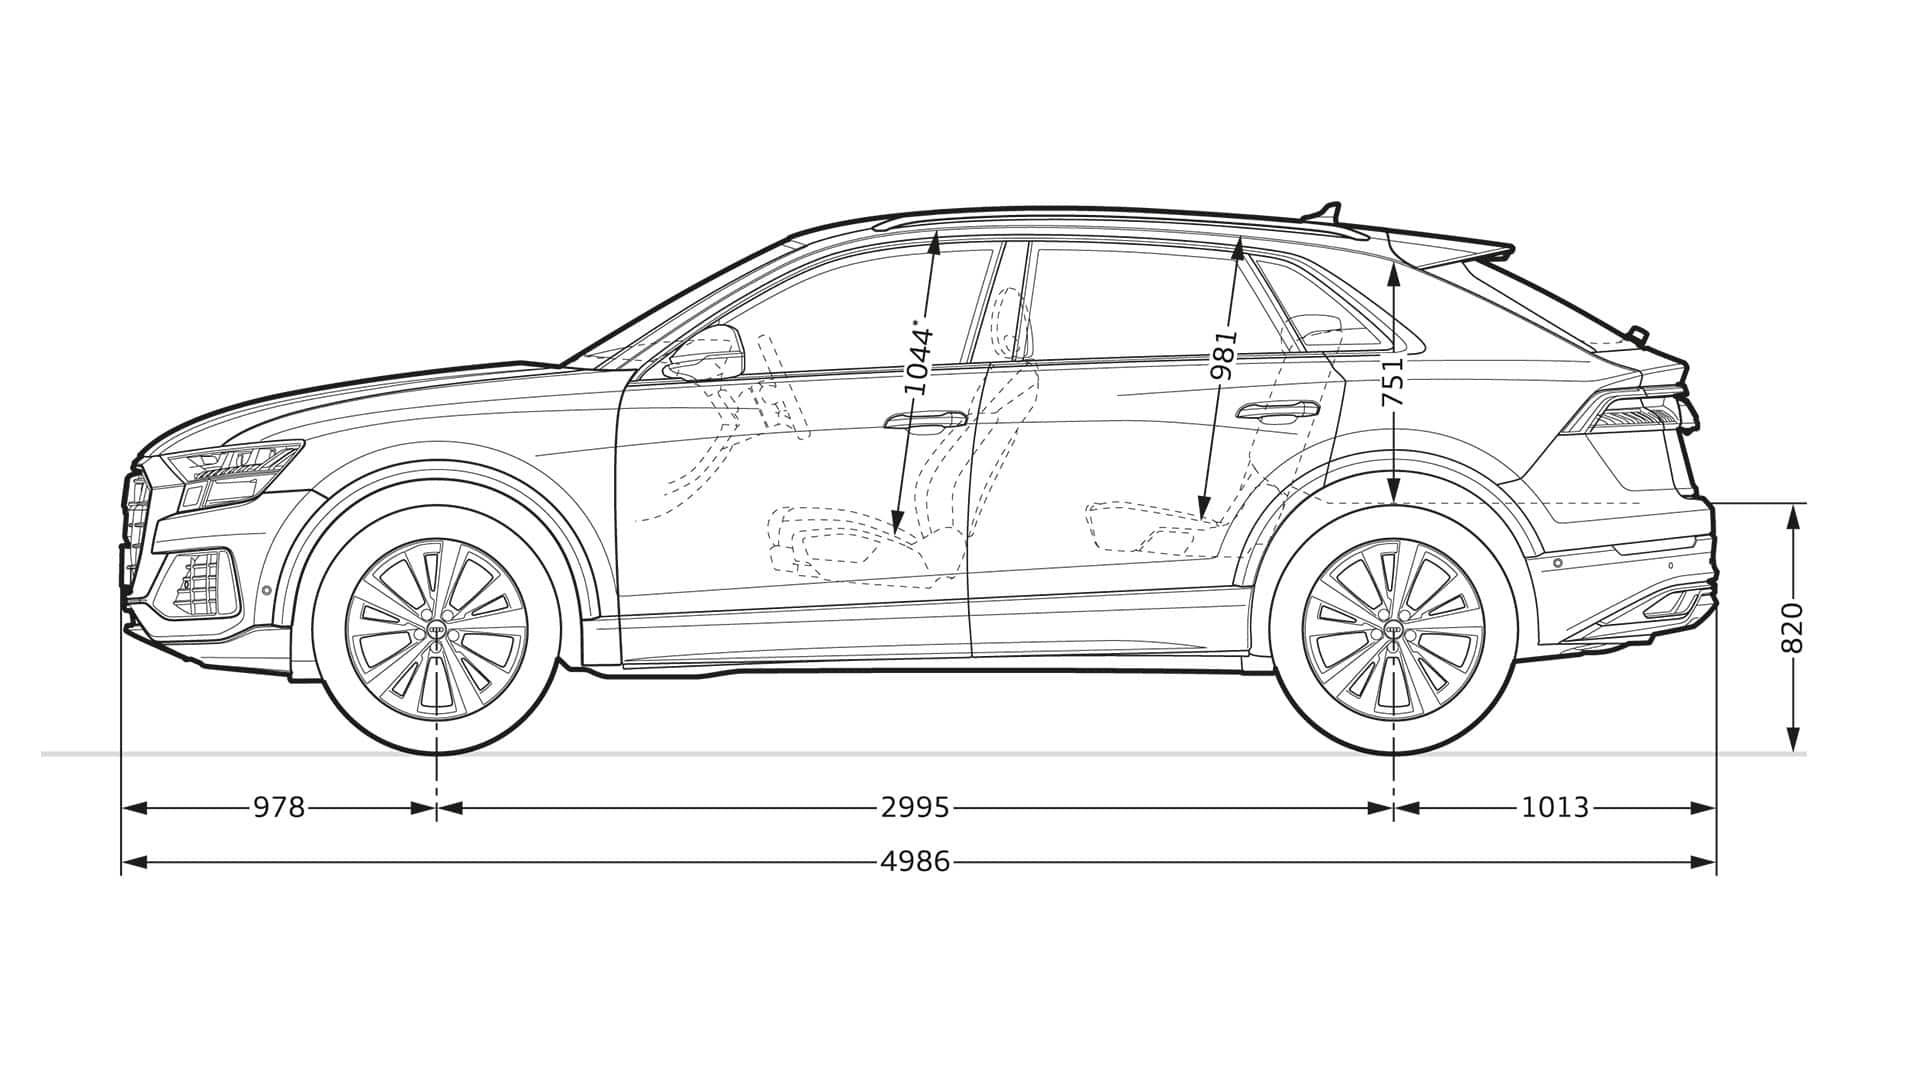 Layer Dimension Gt Audi Q8 Luxurious By Design Audi Australia Gt Q8 Gt Audi Australia Official